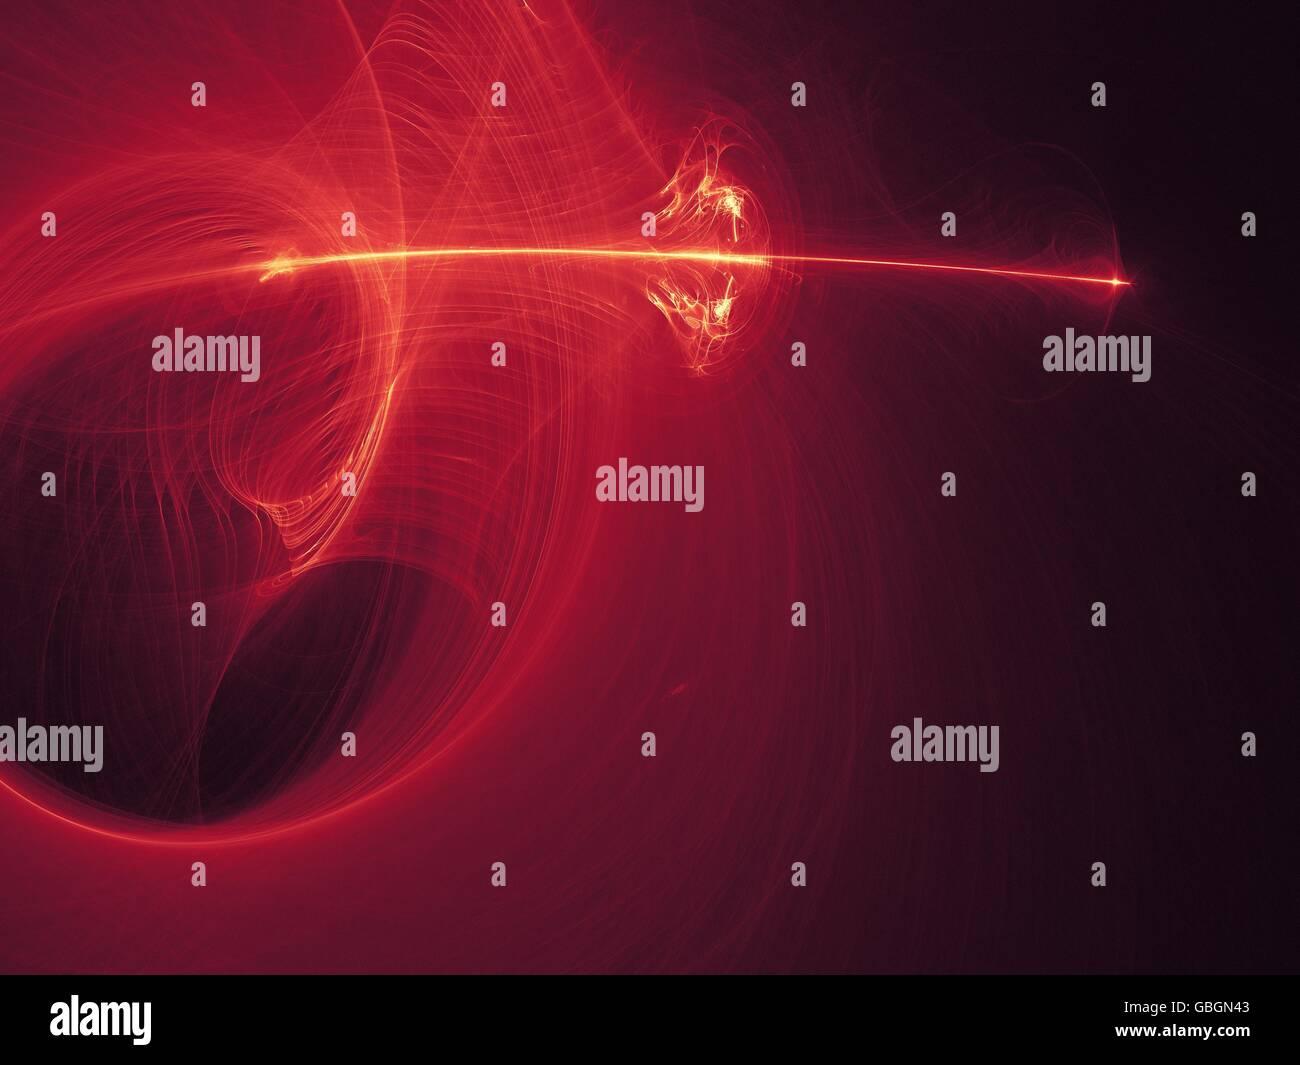 Feuer, Hintergrund, Kunst, Abstrakt, Flammen, Rot, Schwarz, Weiss, Zentrum, Digital, Malen, Zeichnen, Geschwungen, Stockbild